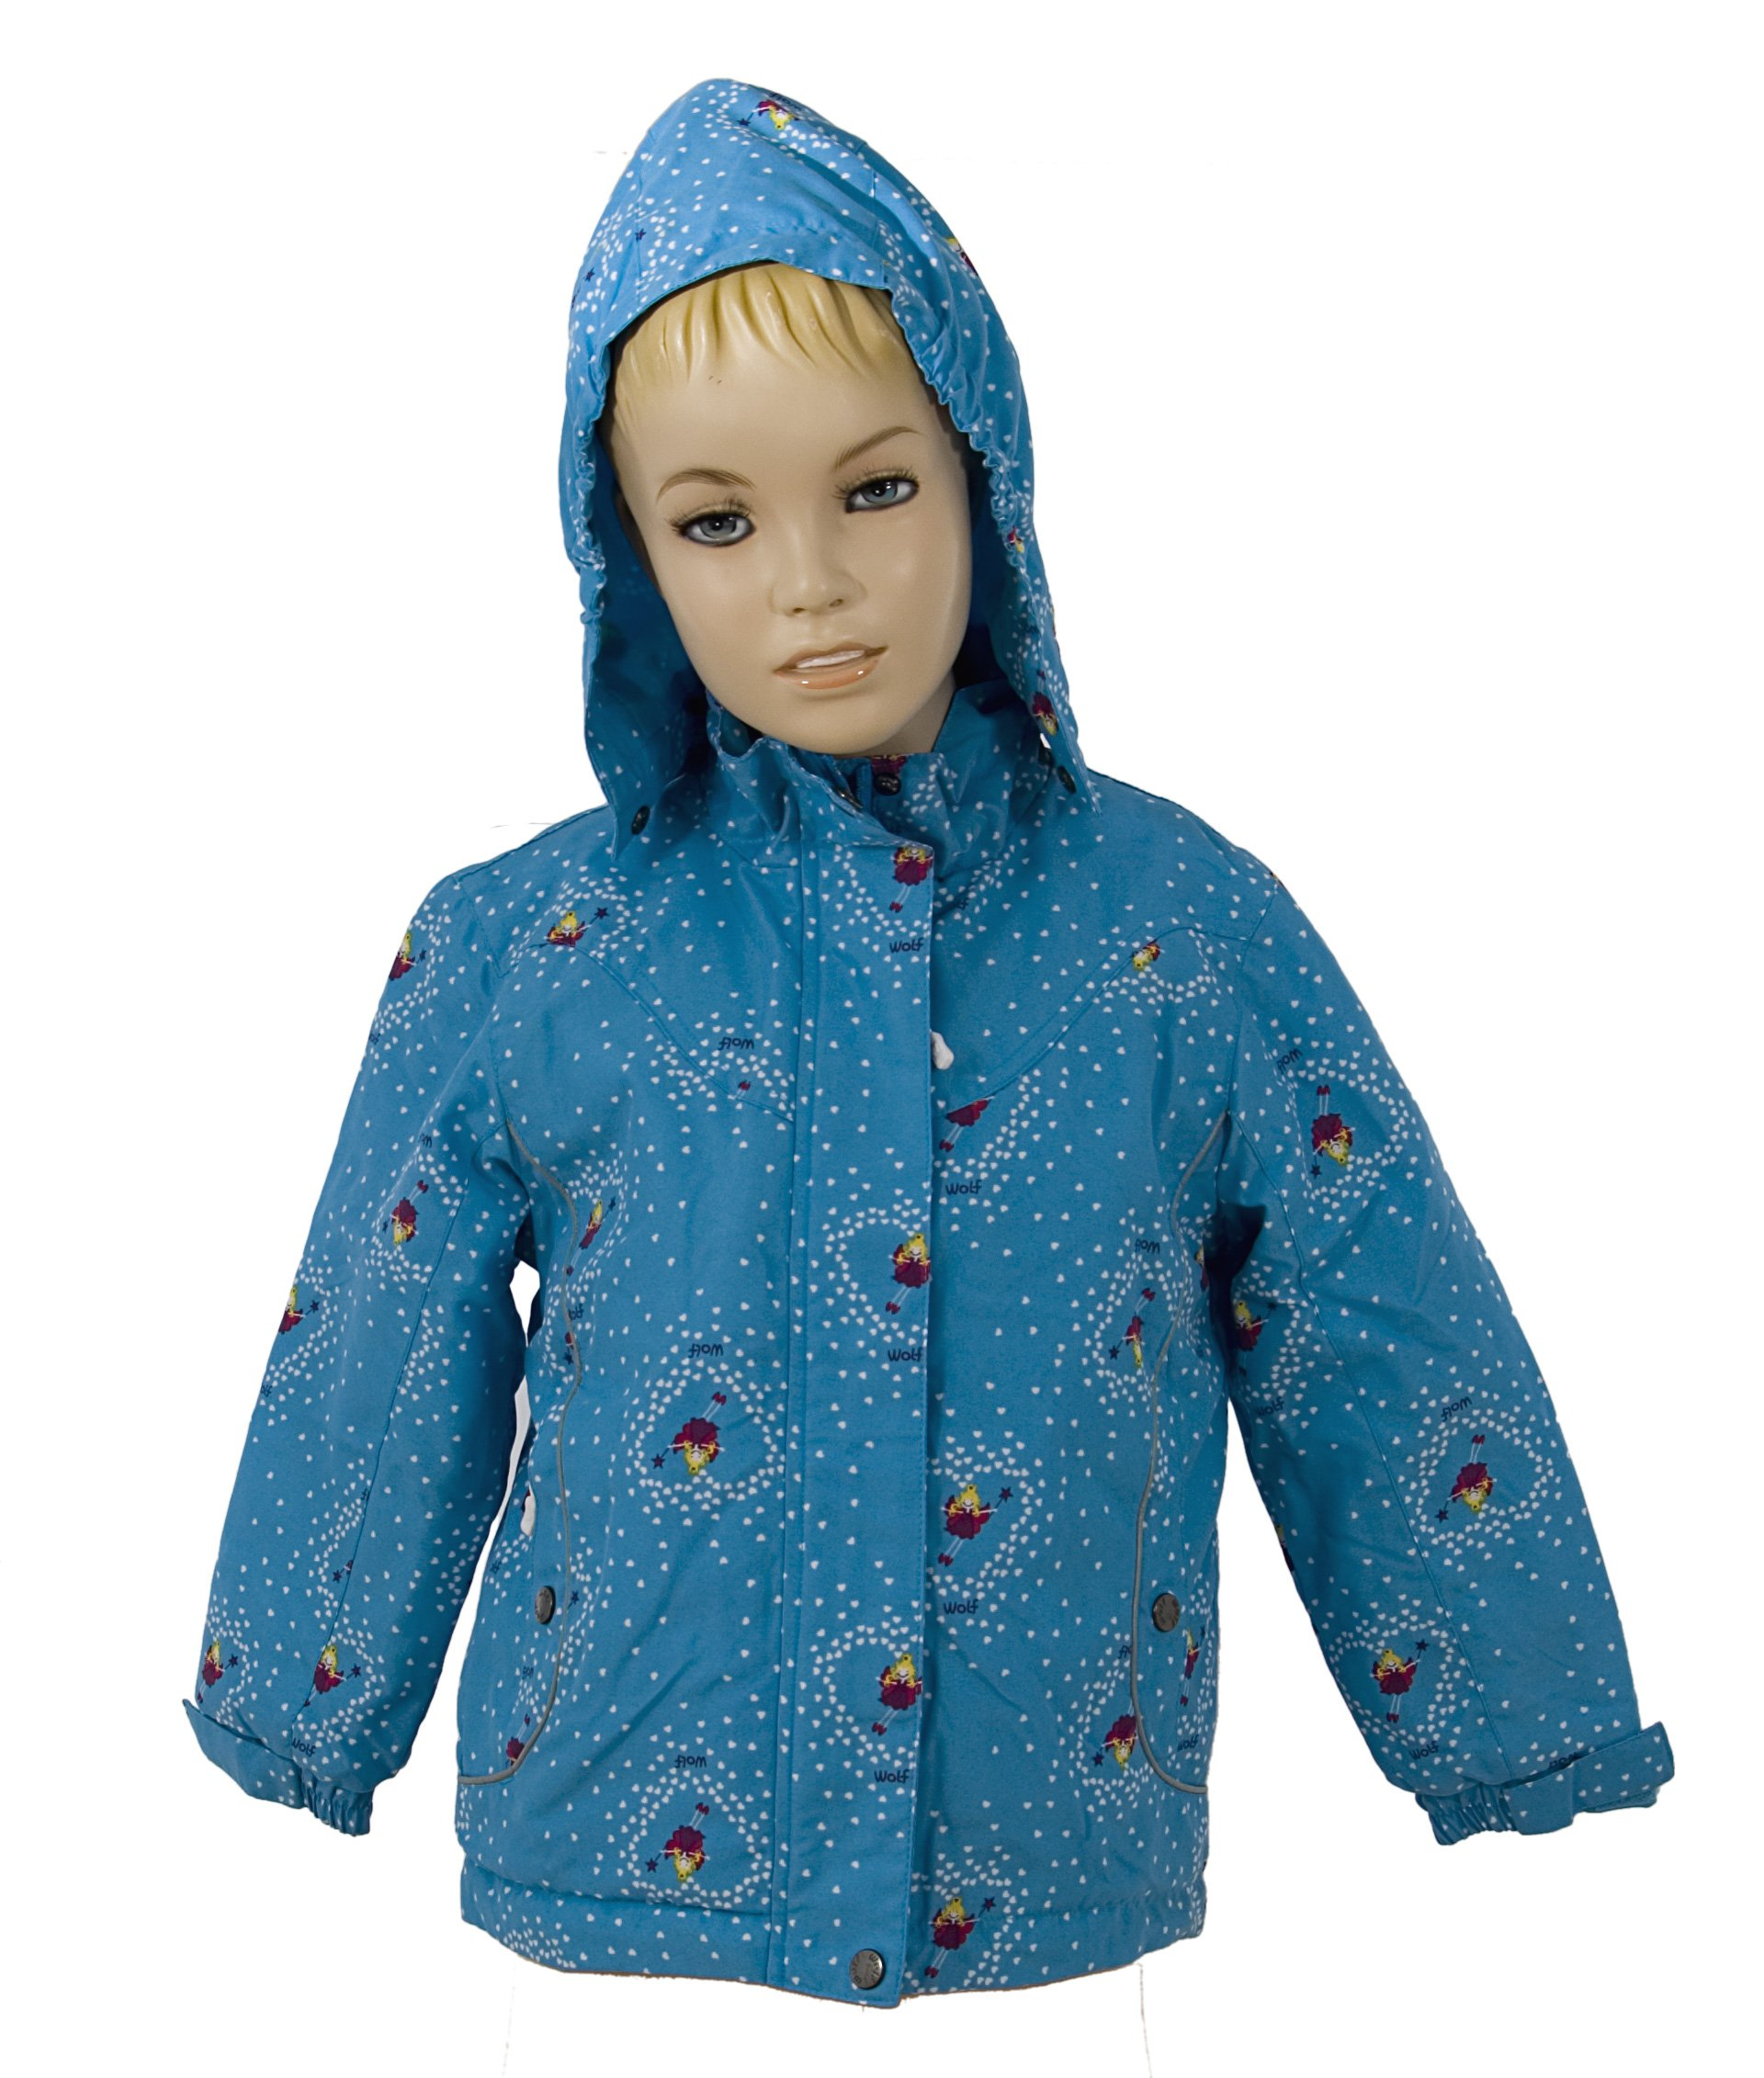 Bunda s fleece podšívkou a kapucí velikost 98-128 VÝPRODEJ